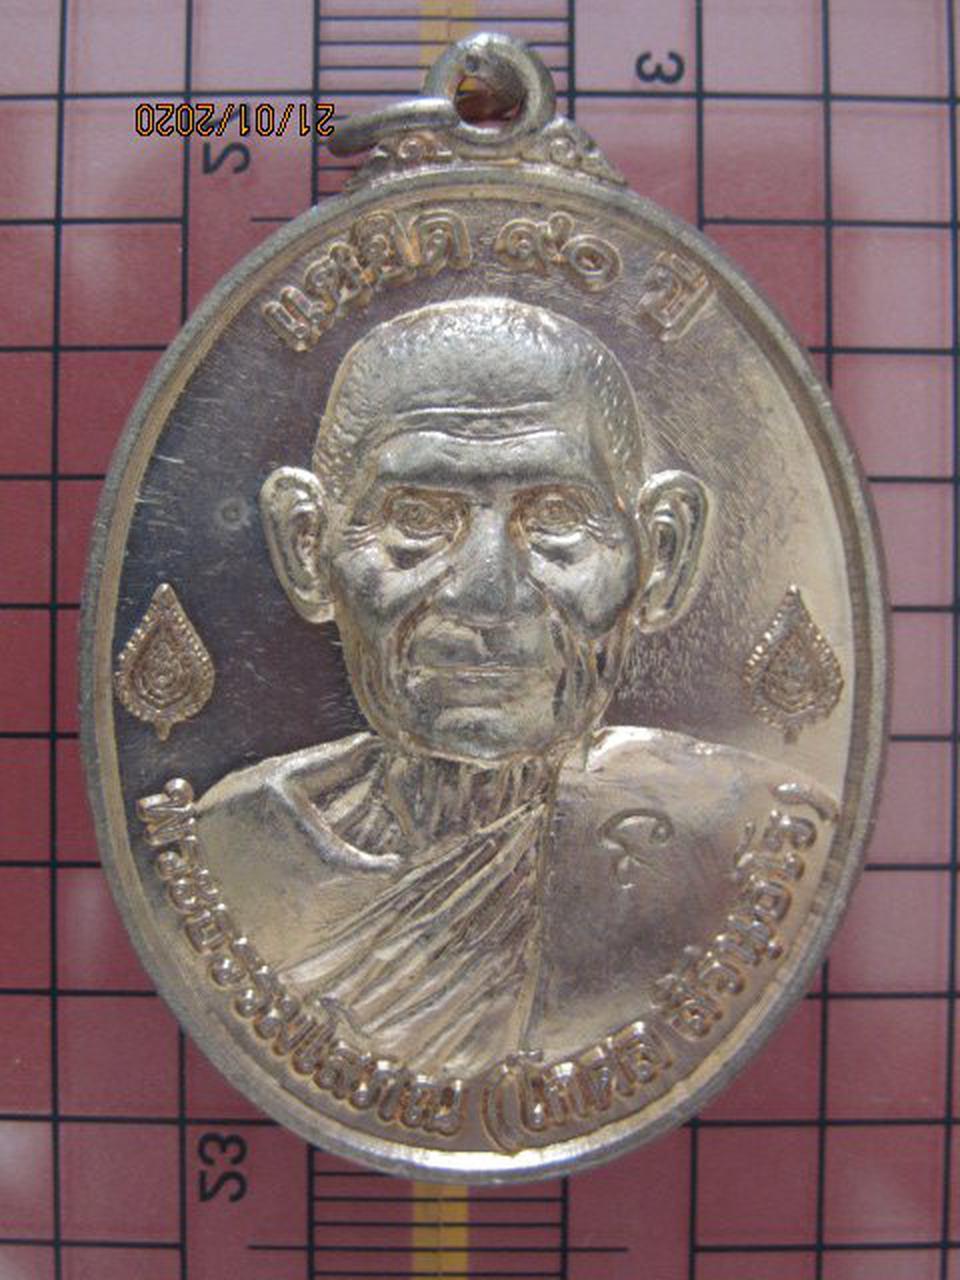 603 เหรียญแซยิด90ปีหลวงพ่อ ใหญ่ วัดสุทธจินดา ปี 2557 โคราช  รูปที่ 2